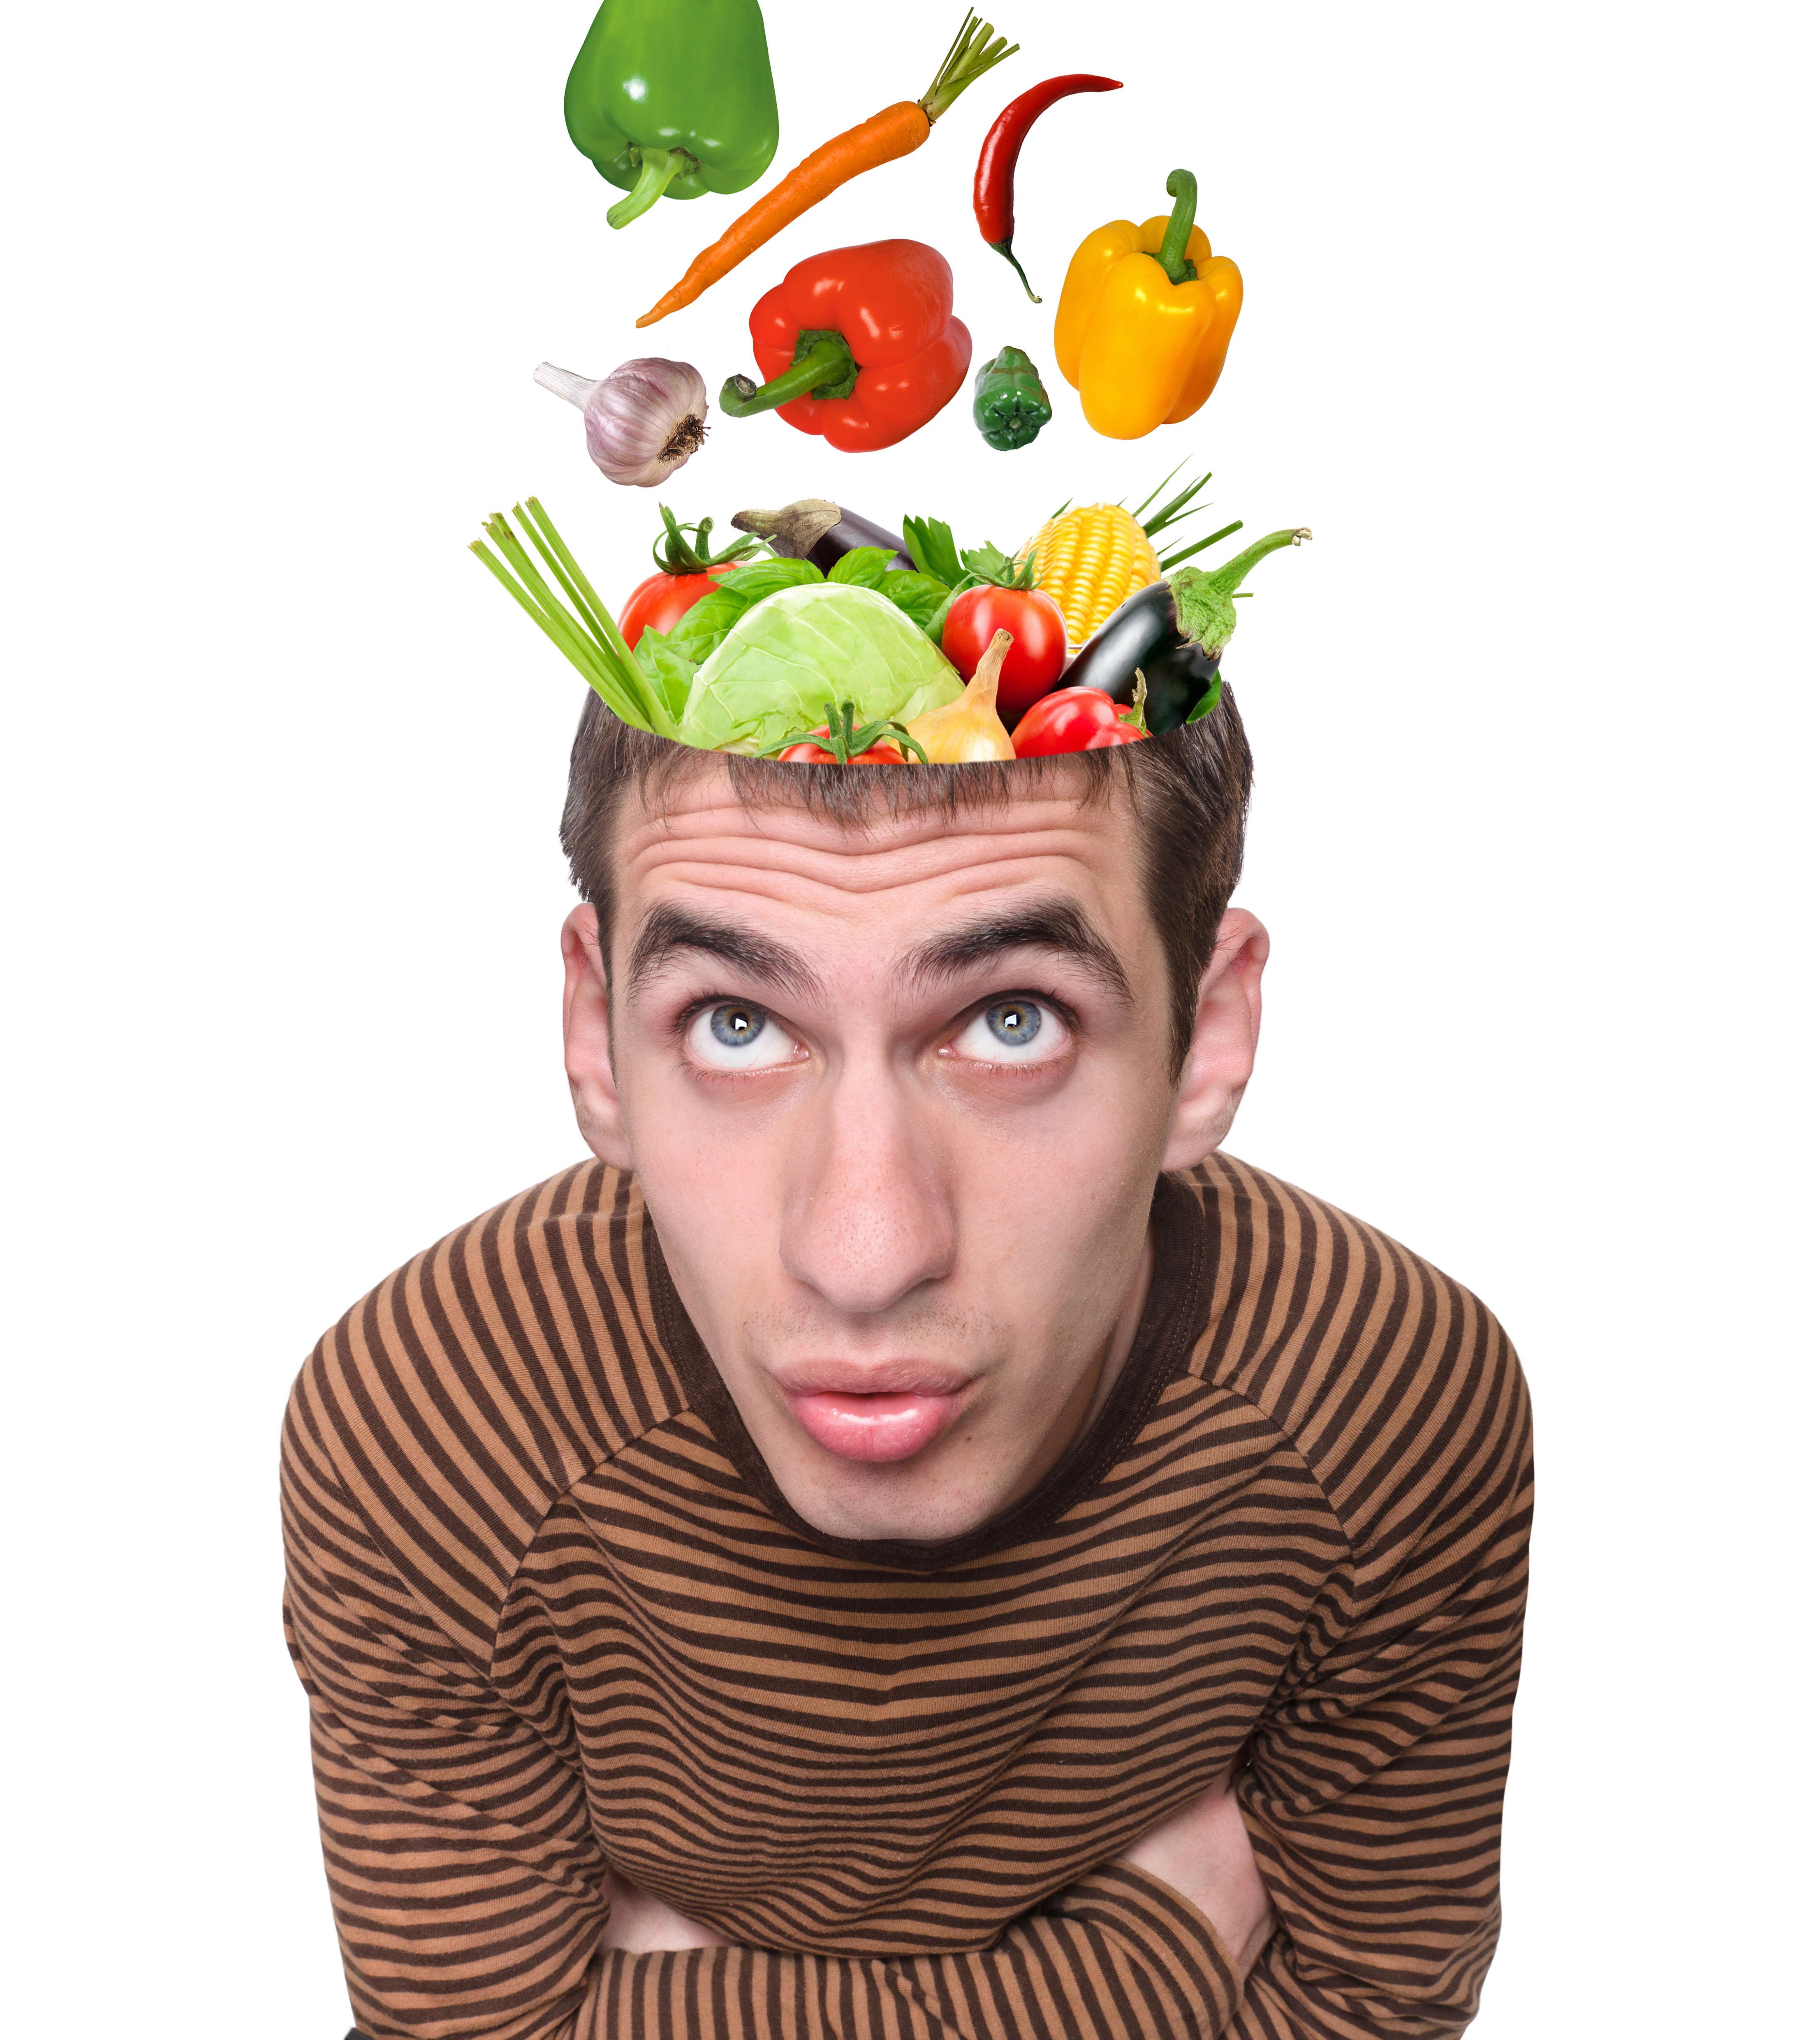 Obst und Gemüse sind nicht nur sehr gesund, sondern können auch bei regelmäßigem Genuss den IQ eines Menschen steigern.